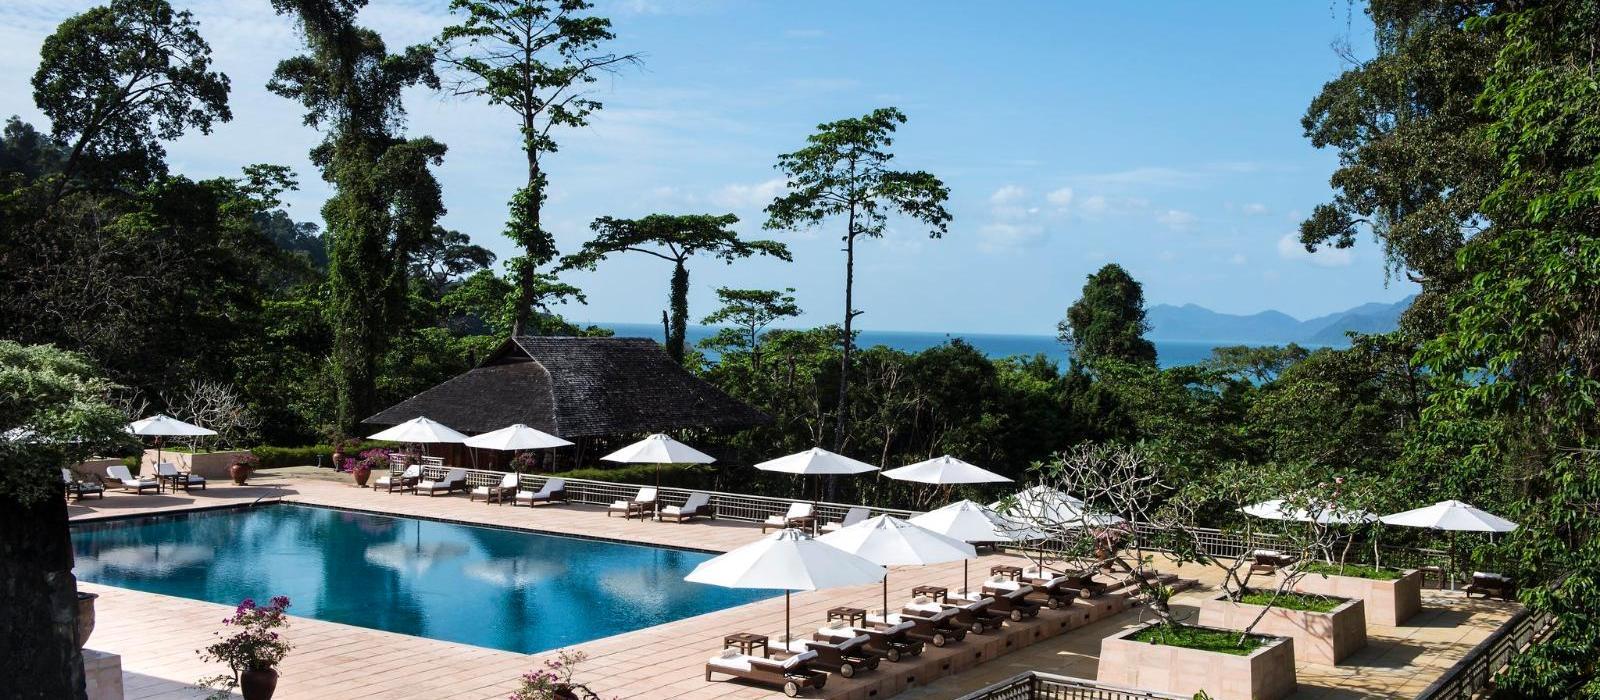 兰卡威达泰度假酒店(The Datai Langkawi) 主泳池图片  www.lhw.cn